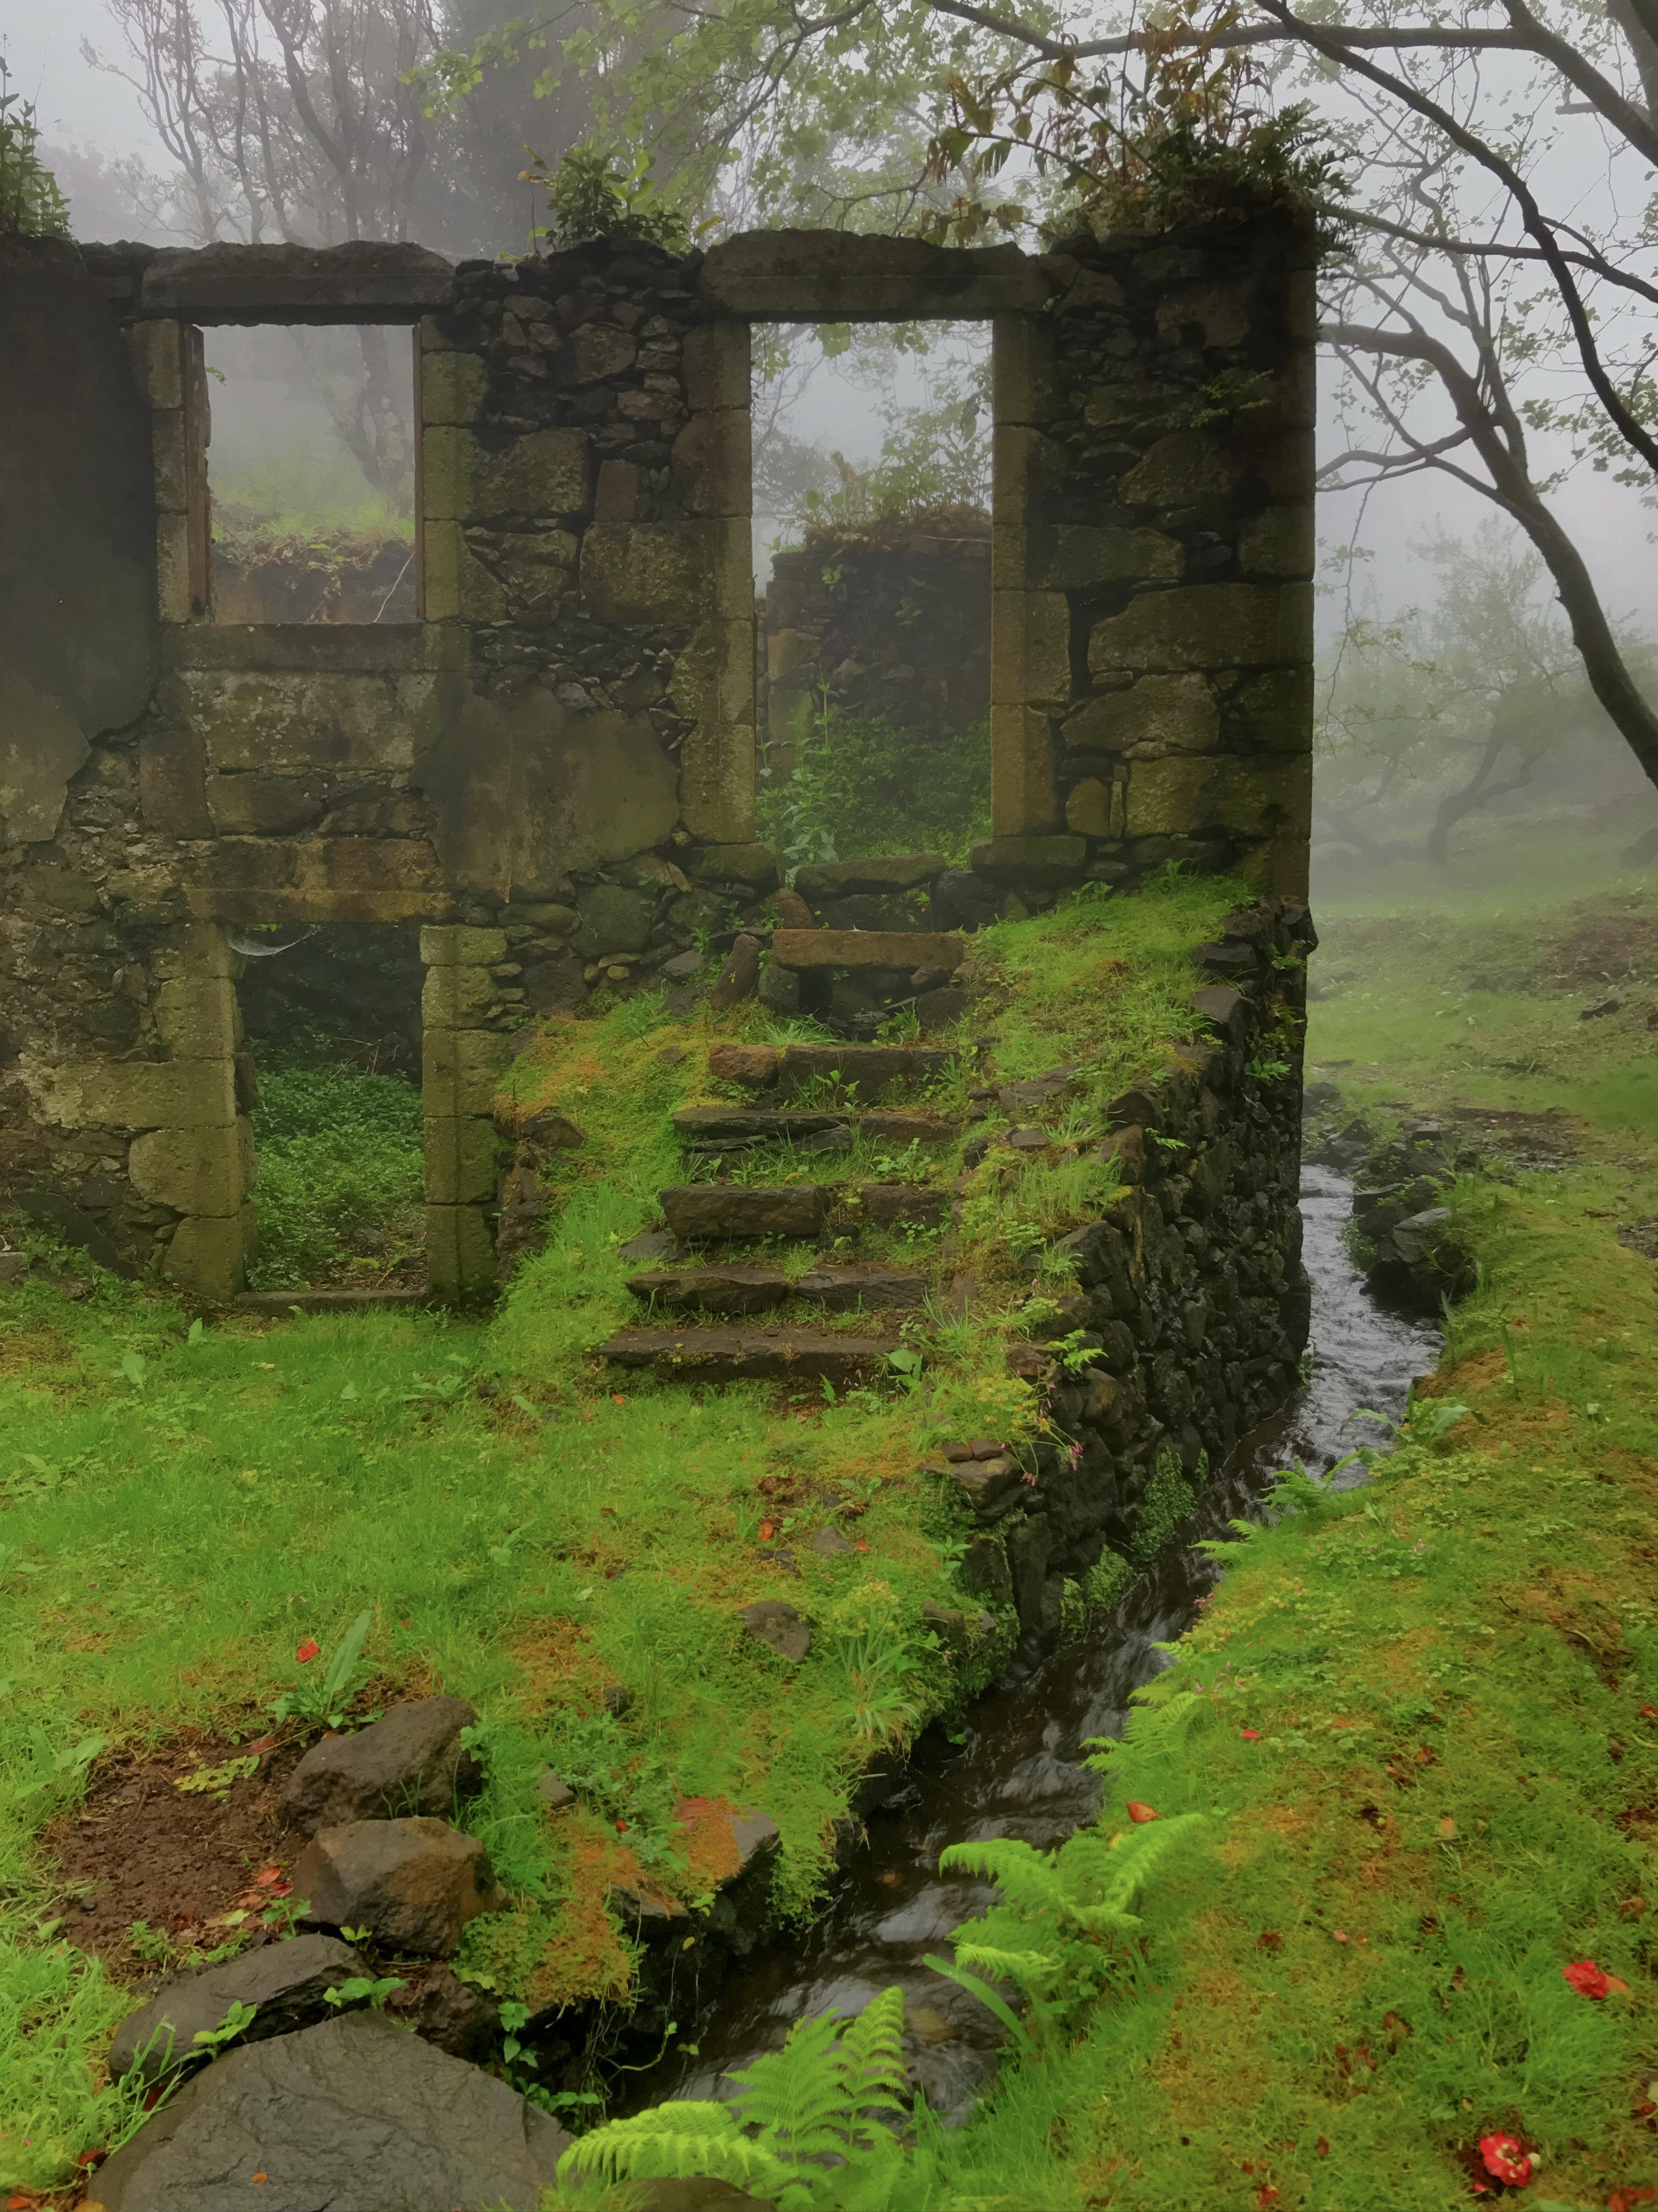 Casa do Verde under mist